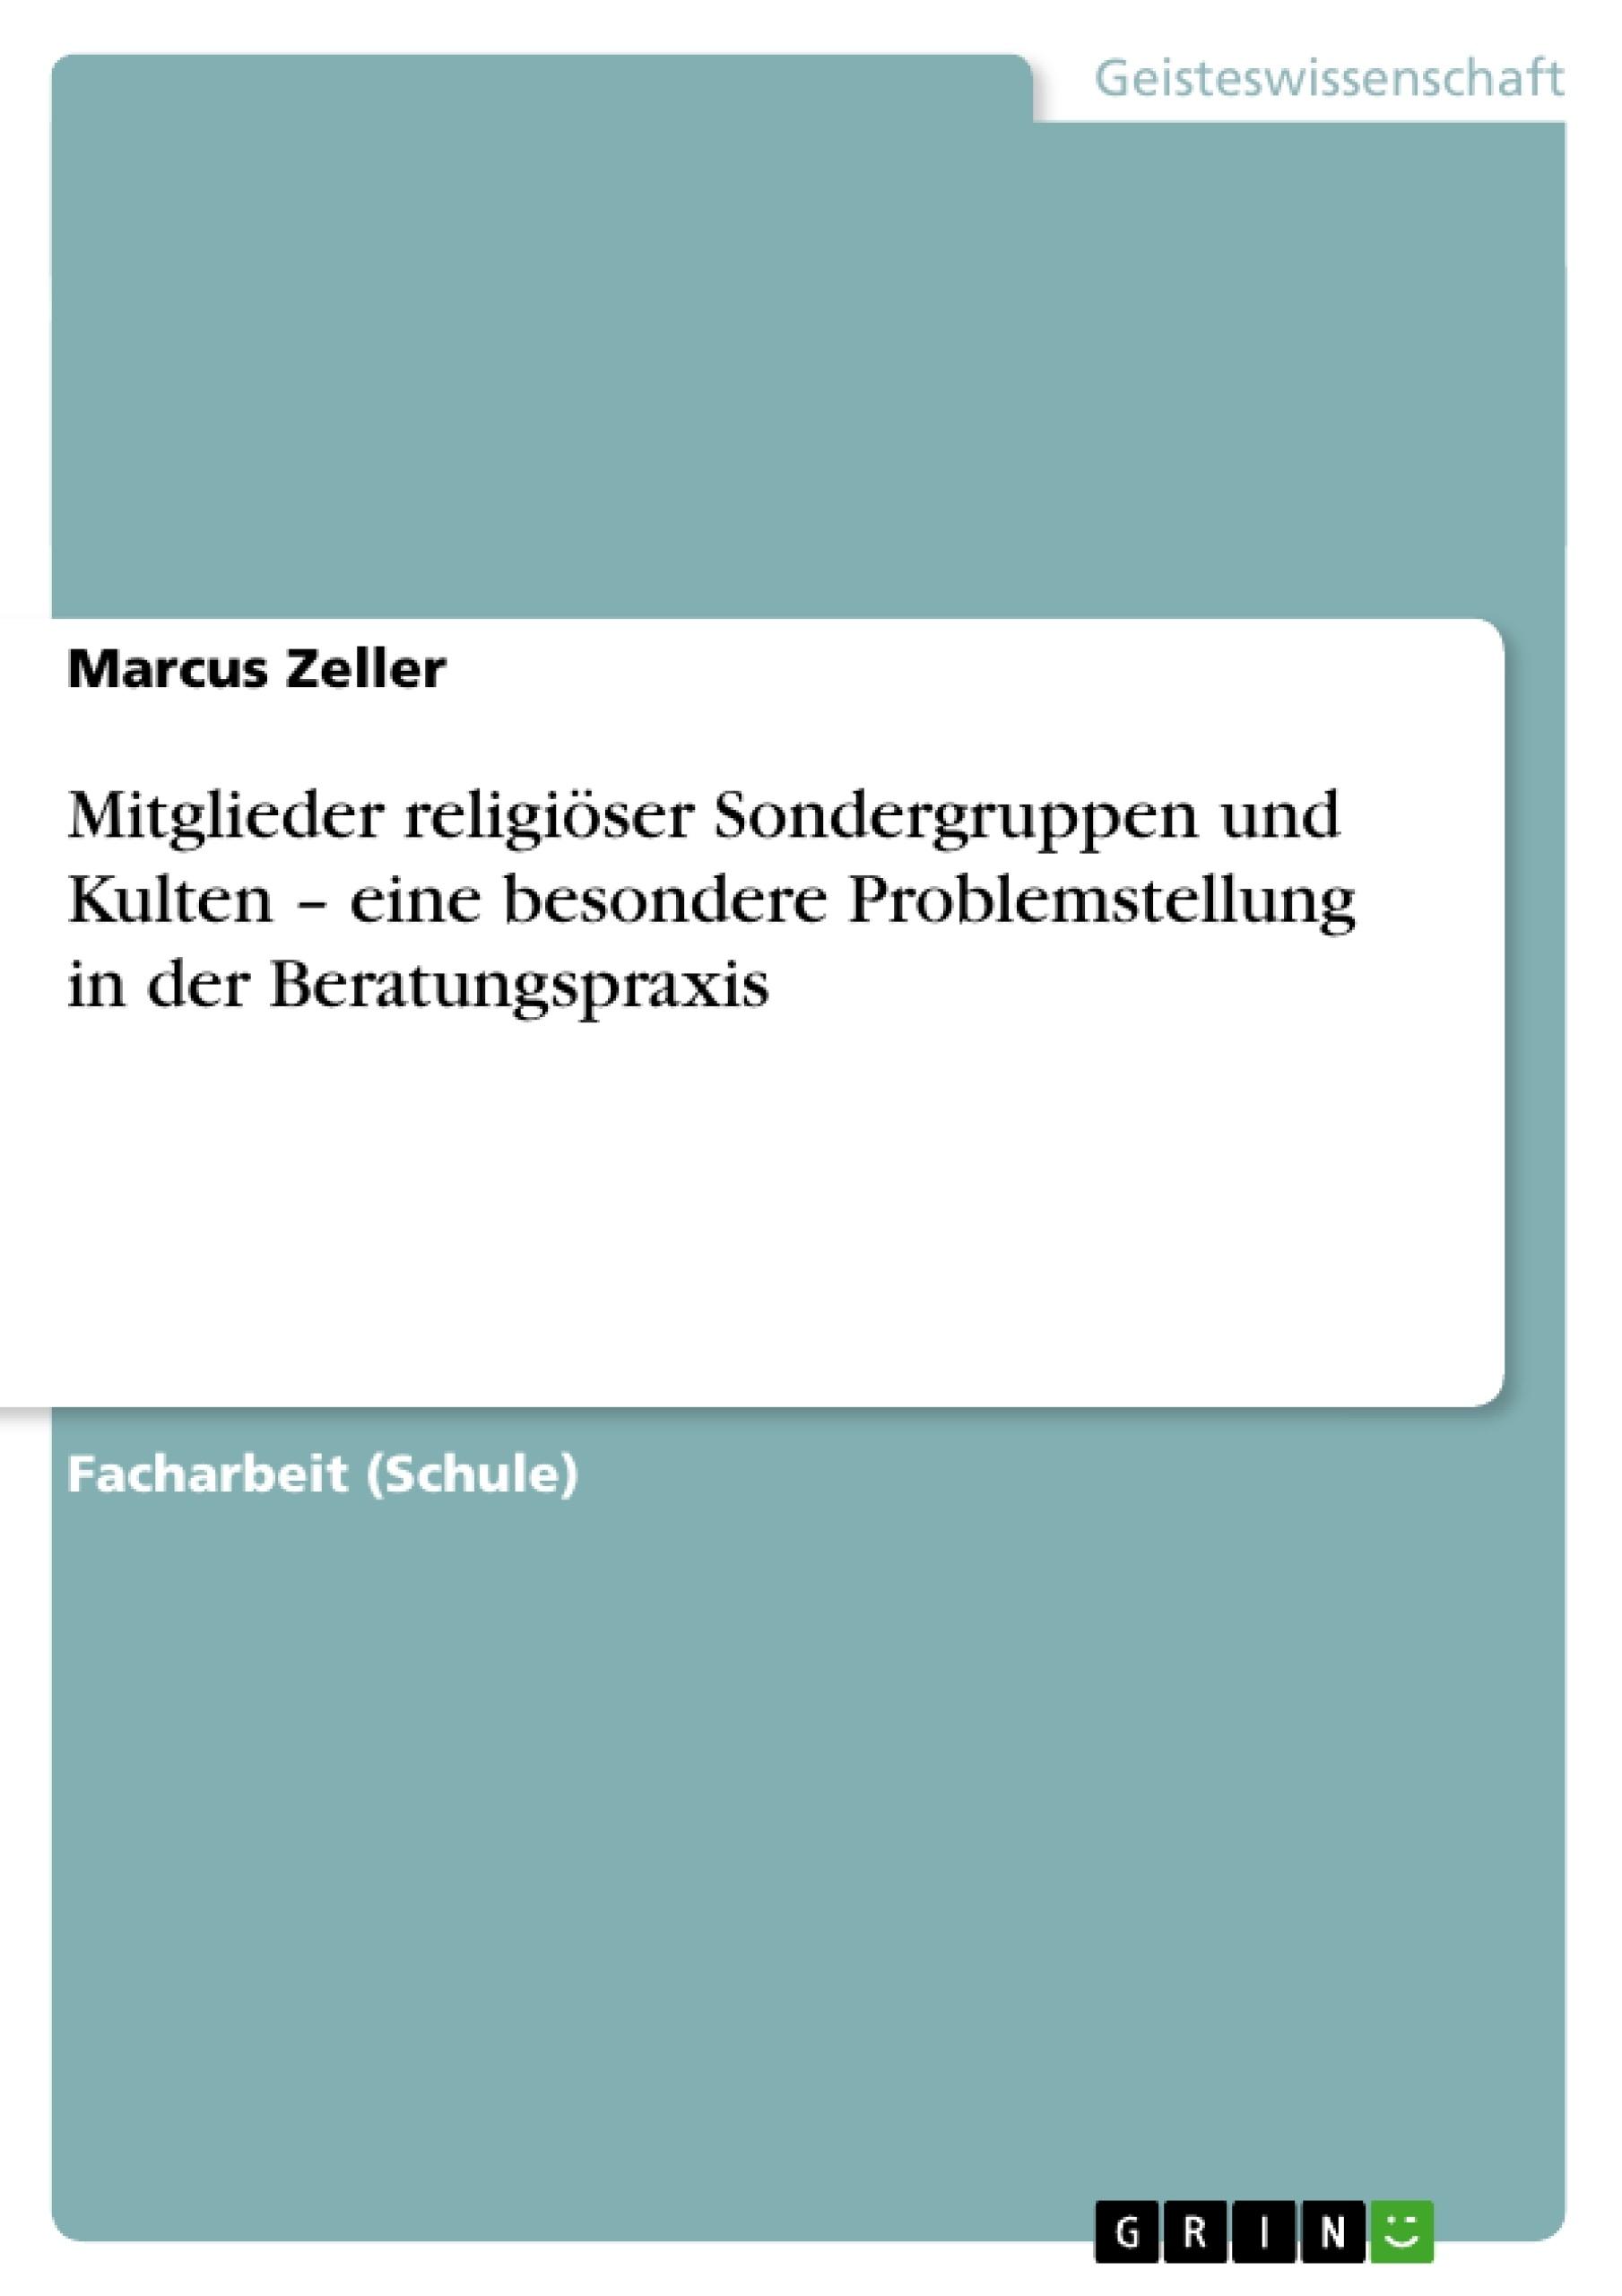 Titel: Mitglieder religiöser Sondergruppen und Kulten – eine besondere Problemstellung in der Beratungspraxis